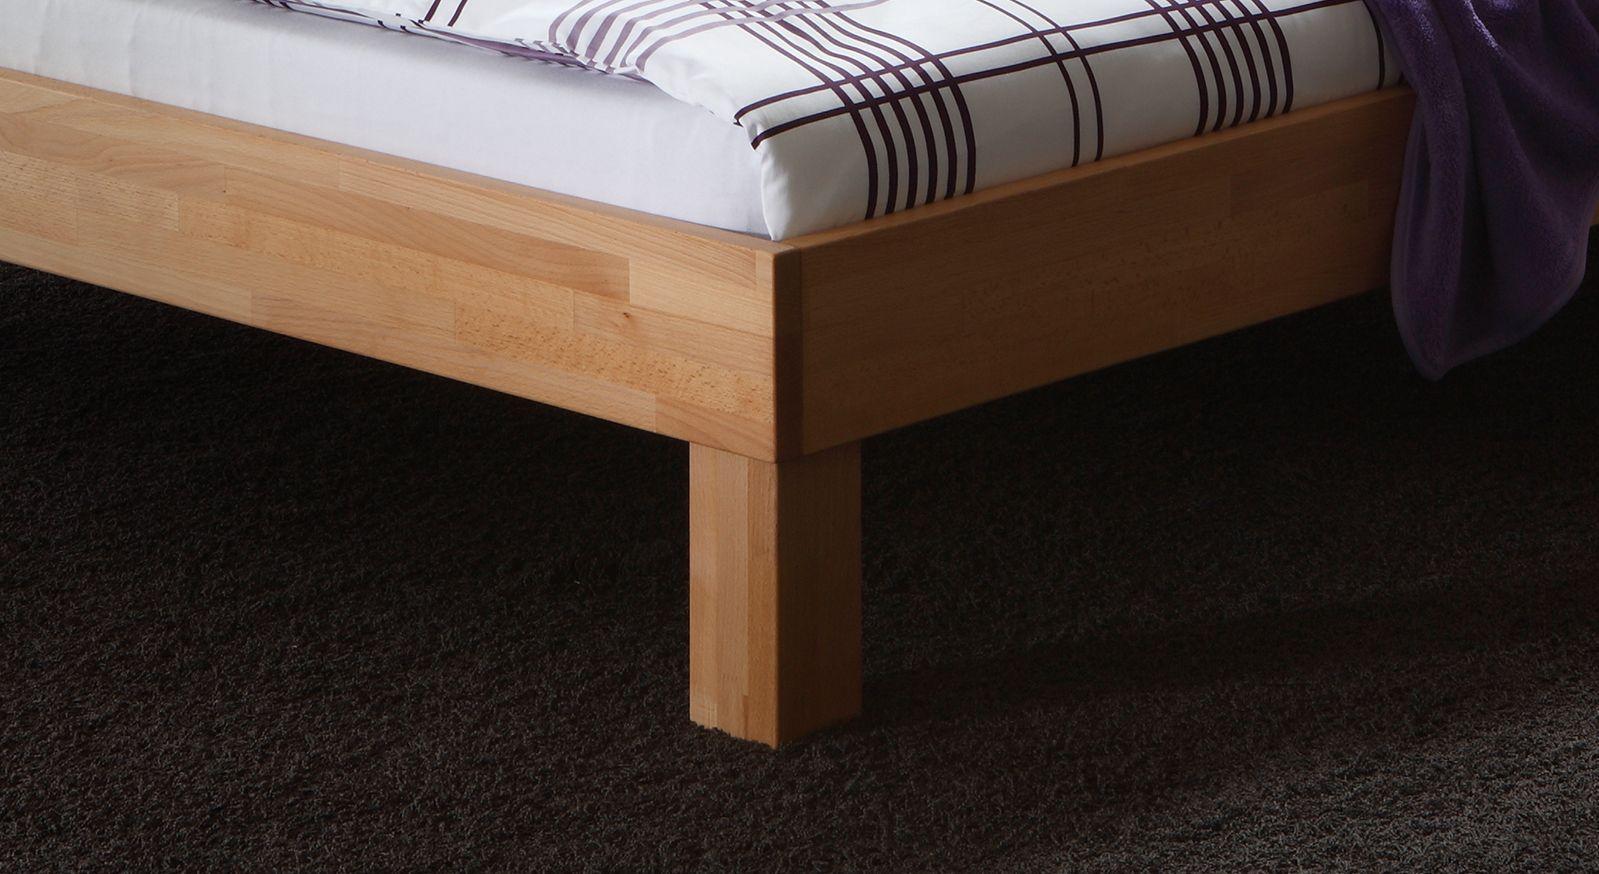 bett mit tiefem einsteig ohne kopfteil liege luzern. Black Bedroom Furniture Sets. Home Design Ideas